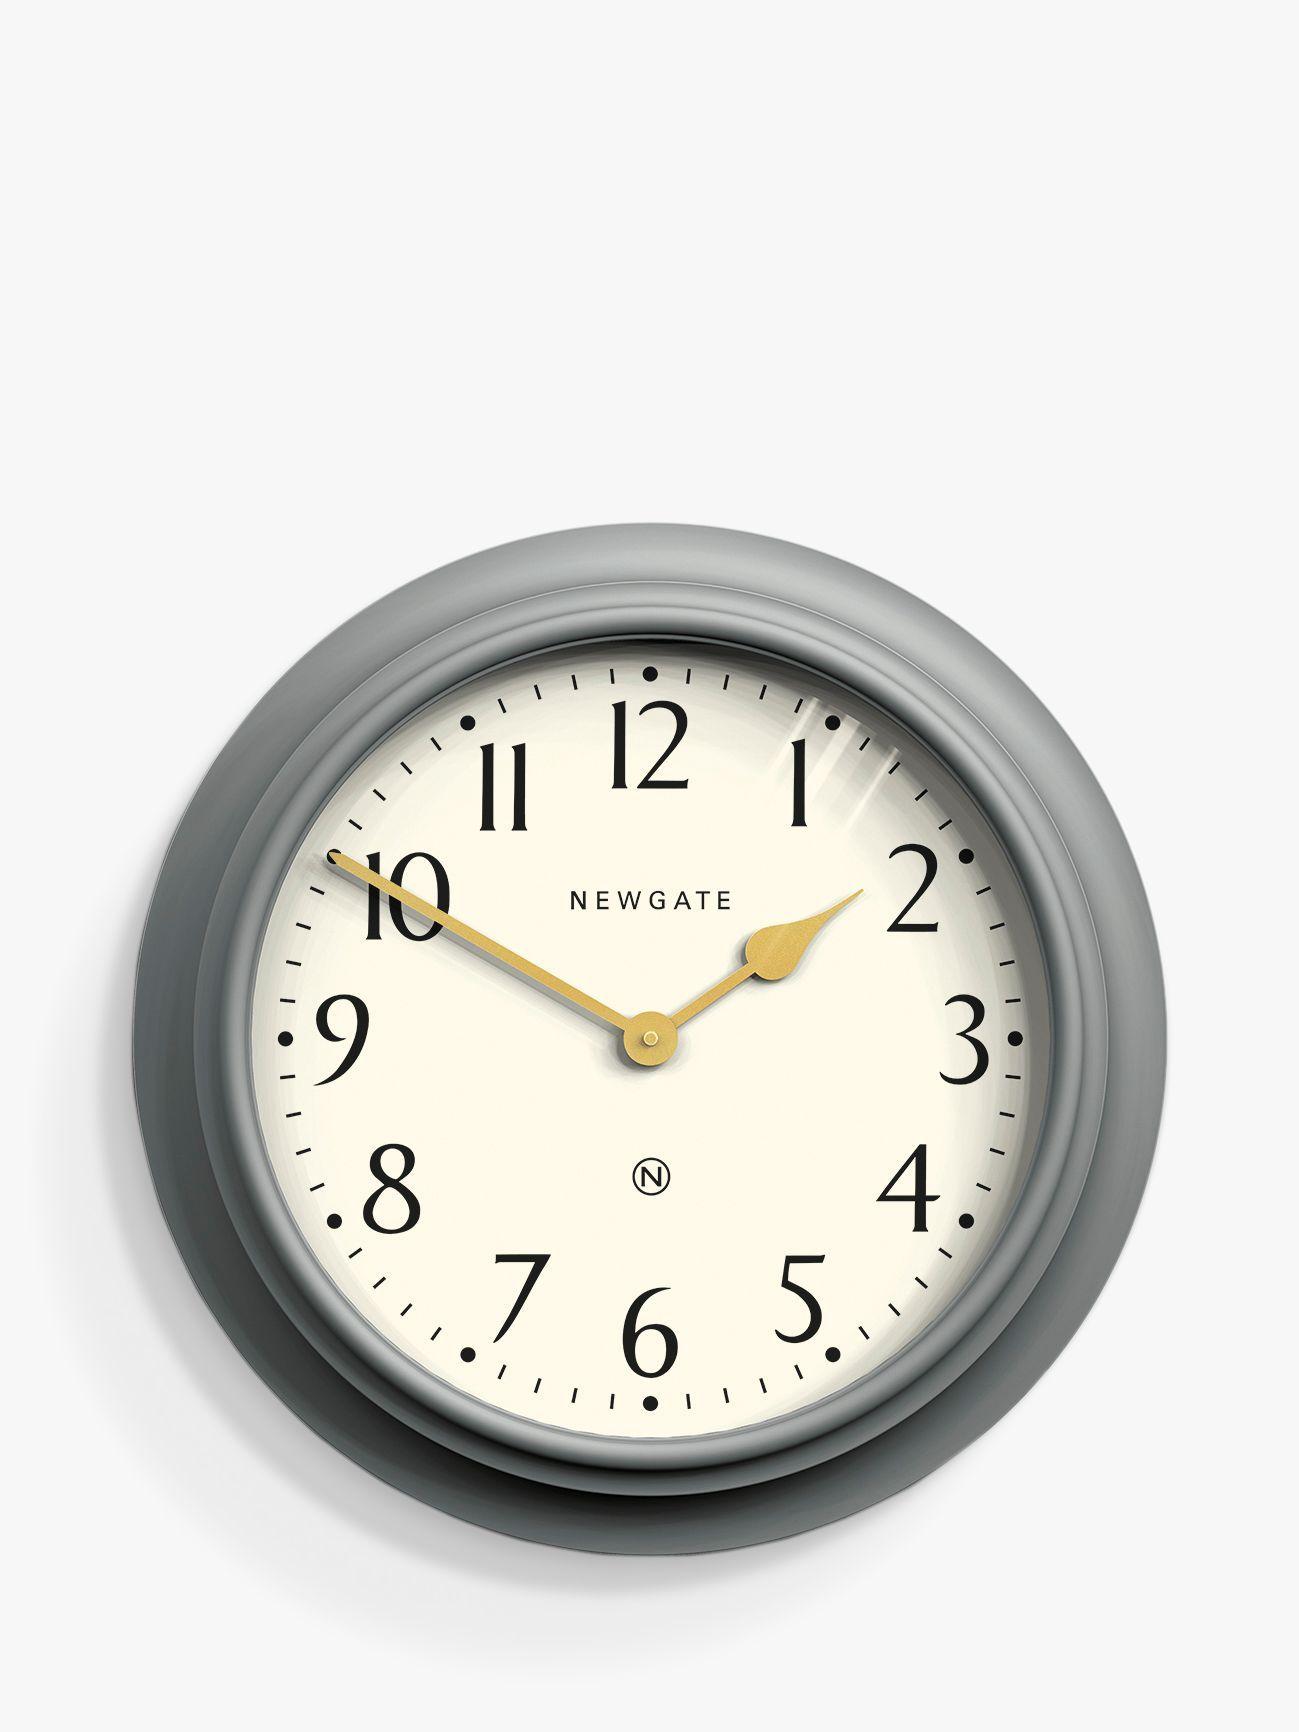 Newgate Clocks Westhampton Large Analogue Wall Clock 50cm Posh Grey In 2020 Newgate Clocks Large Wall Clock Wall Clock